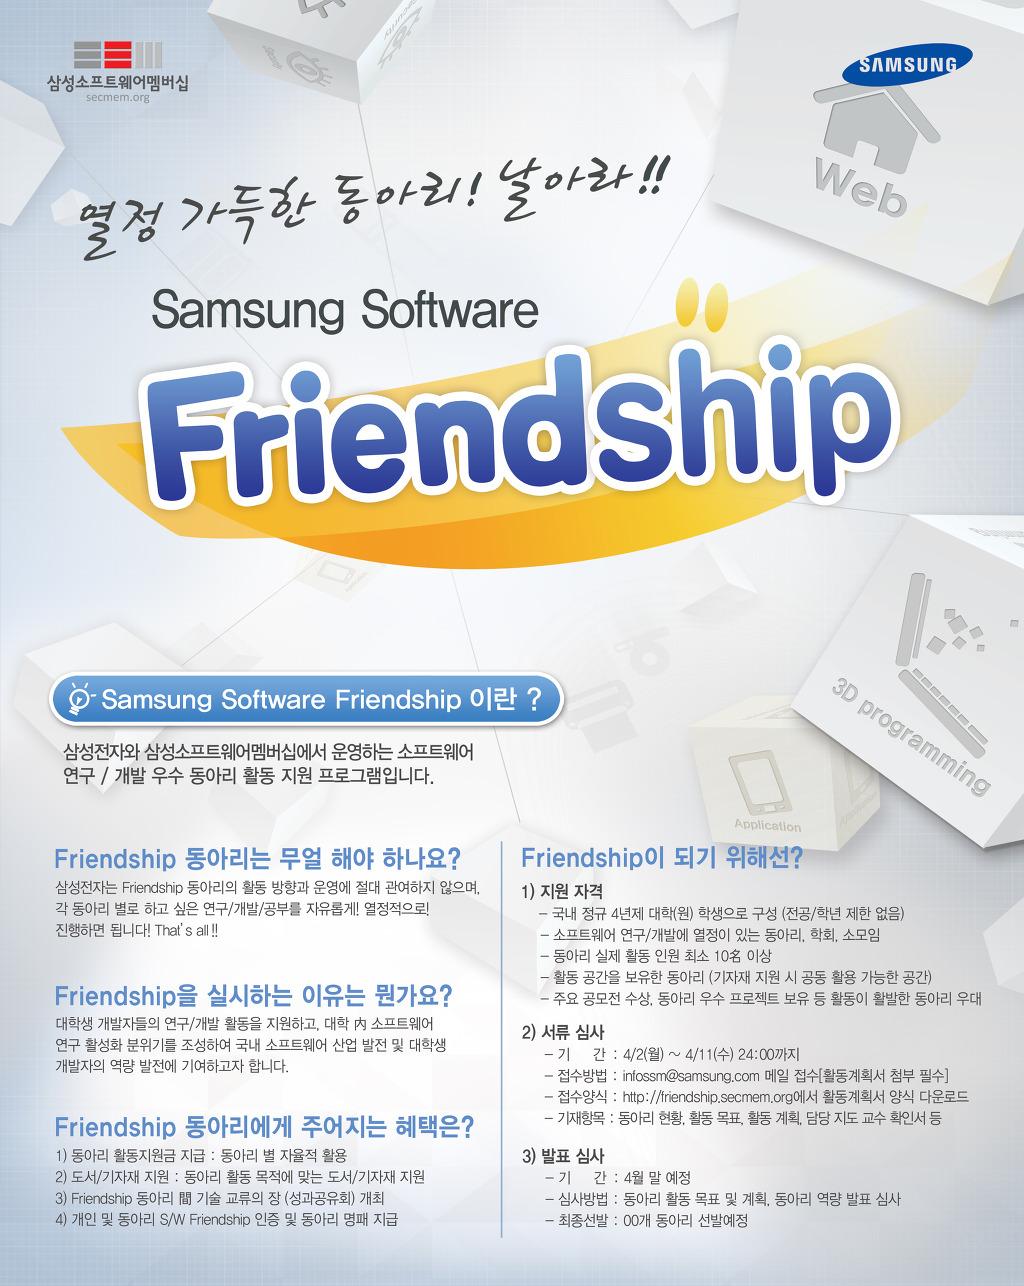 열정 가득한 동아리! 날아라!! Samsung Software Friendship , Samsung Software Friendship이란? 삼성전자와 삼성소프트웨어멤버십에서 운영하는 소프트웨어 연구/개발 우수 동아리 활동 지원 프로그램입니다. Friendship동아리는 무얼 해야 하나요? 삼성전자는 Friendship 동아리의 활동 방향과 운영에 절대 관여하지 않으며, 각 동아리 별로 하고 싶은 연구/개발/공부를 자유롭게!! 열정적으로! 진행하면 됩니다! That's all!! Friendship을 실시하는 이유는 뭔가요? 대학생 개발자들의 연구/개발 활동을 지원하고. 대학 內 소프트웨어 연구 활성화 분위기를 조성하여 국내 소프트웨어 산업 발전 및 대학생 개발자의 역량 발전에 기여하고자 합니다. Friendship 동아리에게 주어지는 혜택은? 1)동아리 활동지원근 지급: 동아리 별 자율적 활용 2)도서/기자지 지원: 동아리 활동 목적에 맞는 도서/기자재 지원 3)Friendship 동아리 間 기술 교류의 장 (성과공유회) 개최 4) 개인 및 동아리S/W Friendship 인증 및 동아리 명패 지급 Friendship이 되기 위해선? 1)지원자격 -국내 정규 4년제 대학(원) 학생으로 구성(전공/학년 제한 없음) -소프트웨어 연구/개발에 열정이 있는 동아리, 학회, 소모임 -동아리 실제 활동 인원 최소 10名 이상 -활동 공간을 보유한 동아리(기자재 지원 시 공동 활용 가능한 공간) -주요 공모전 수상, 동아리 우수 프로젝트 보유 등 활동이 활발한 동아리 우대 2)서류 심사 -기간: 4/2(월)~4/11(수)24:00까지 -접수방법: infossm@samsung.com 메일 접수(활동계획서 첨부 필수) -접수양식: http://friendship.secmem.org에서 활동계획서 양식 다운로드 -기재항목: 동아리 현황, 활동 목표, 활동 계획, 담당 지도 교수 확인서 등 3)발표심사 -기간: 4월 말 예정 -심사방법: 동아리 활동 목표 및 계획, 동아리 역량 발표 심사 -최종선발: 00개 동아리 선발예정